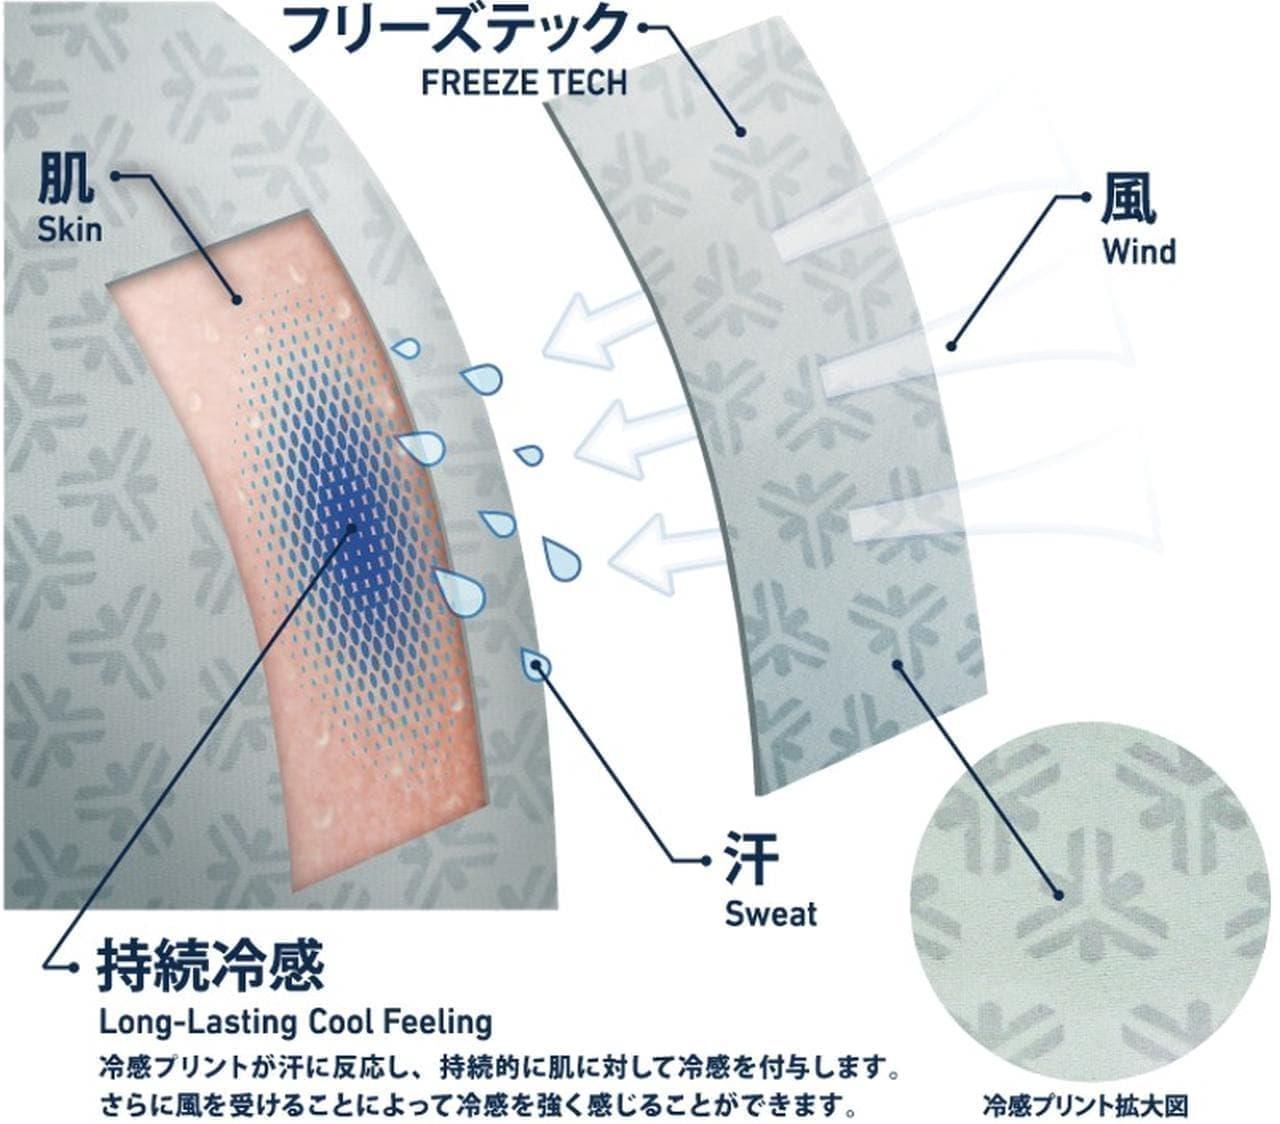 """冷感が持続する""""氷撃""""マスク「フリーズテック 氷撃エチケットマスク」"""